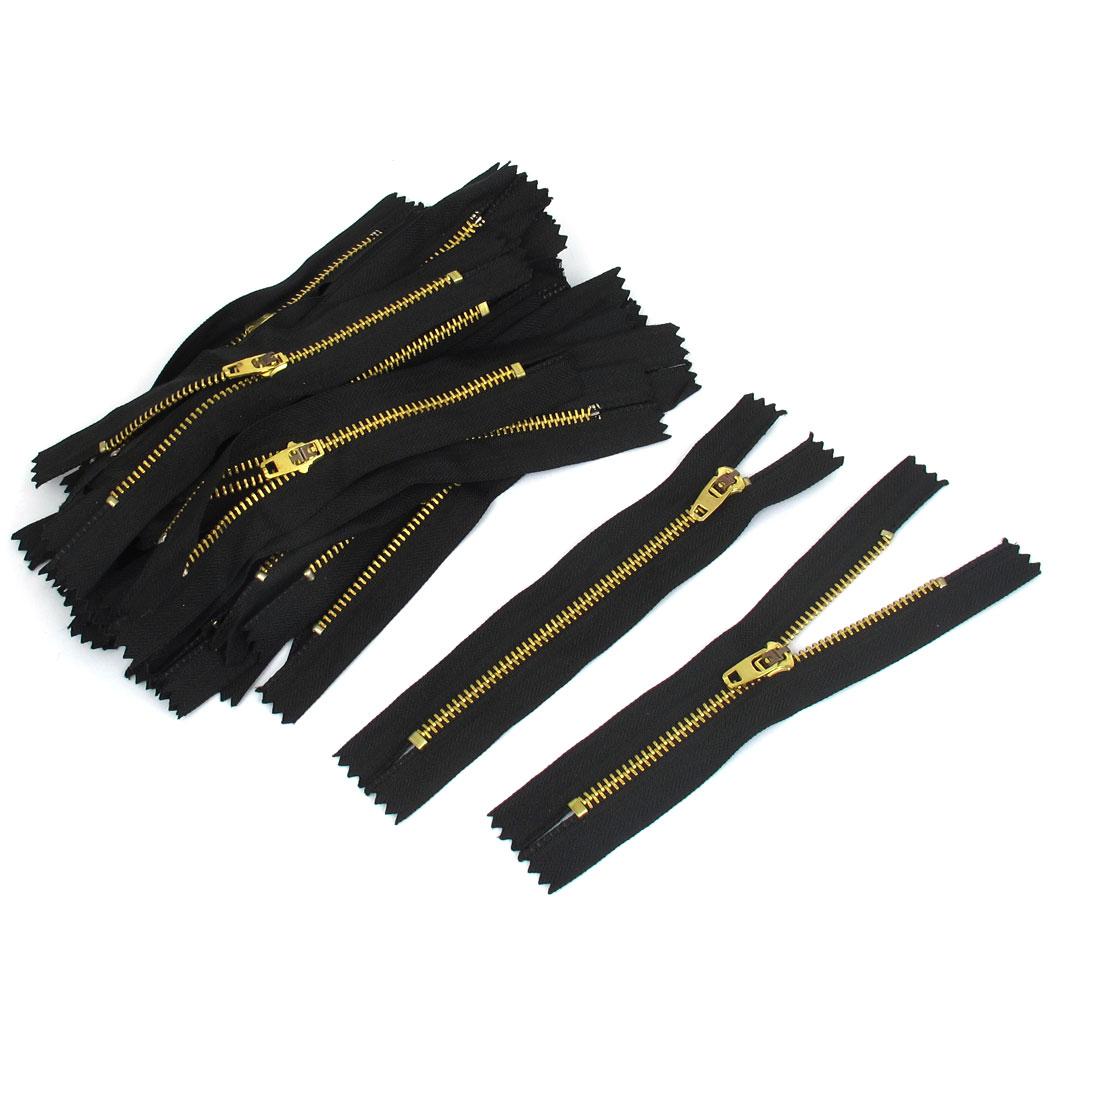 12cm Length Closed End Trousers Pants Jeans Metal Zipper Zip Black 30pcs